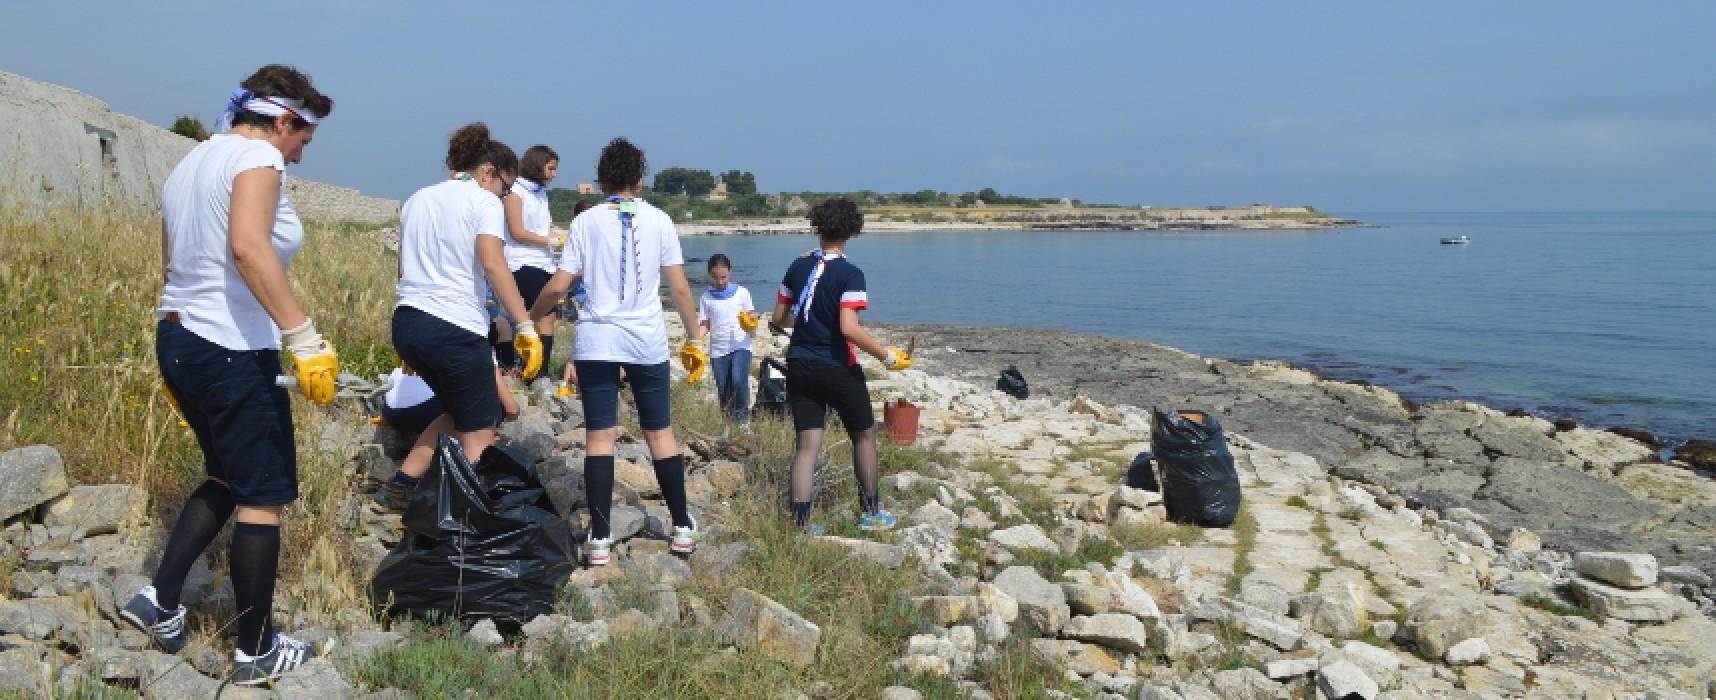 Scout Agesci Bisceglie all'opera per la pulizia della spiaggia tra Cala Pantano e Torre Calderina